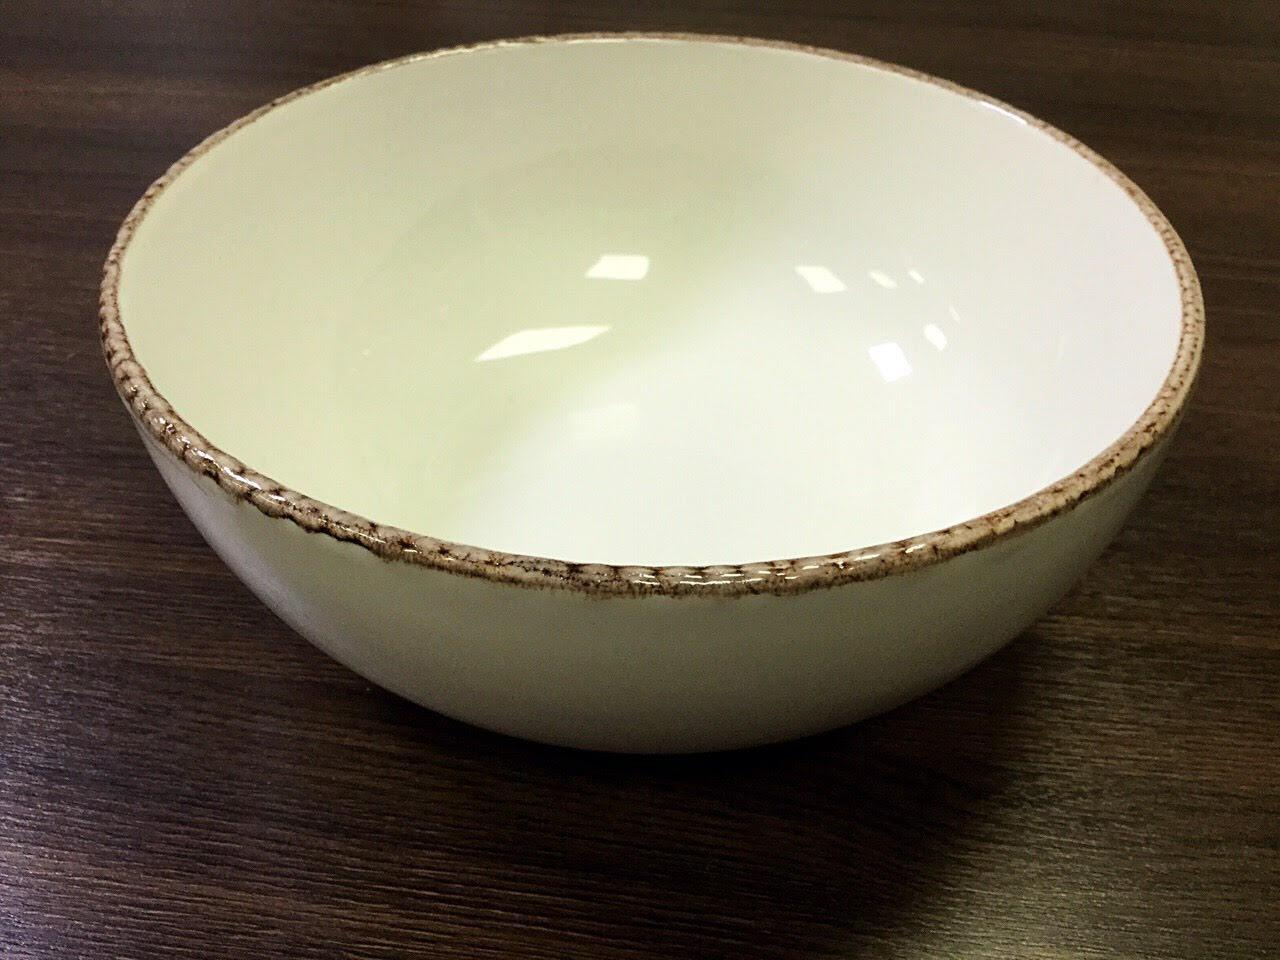 салатник белый с коричневой окантовкой из керамики